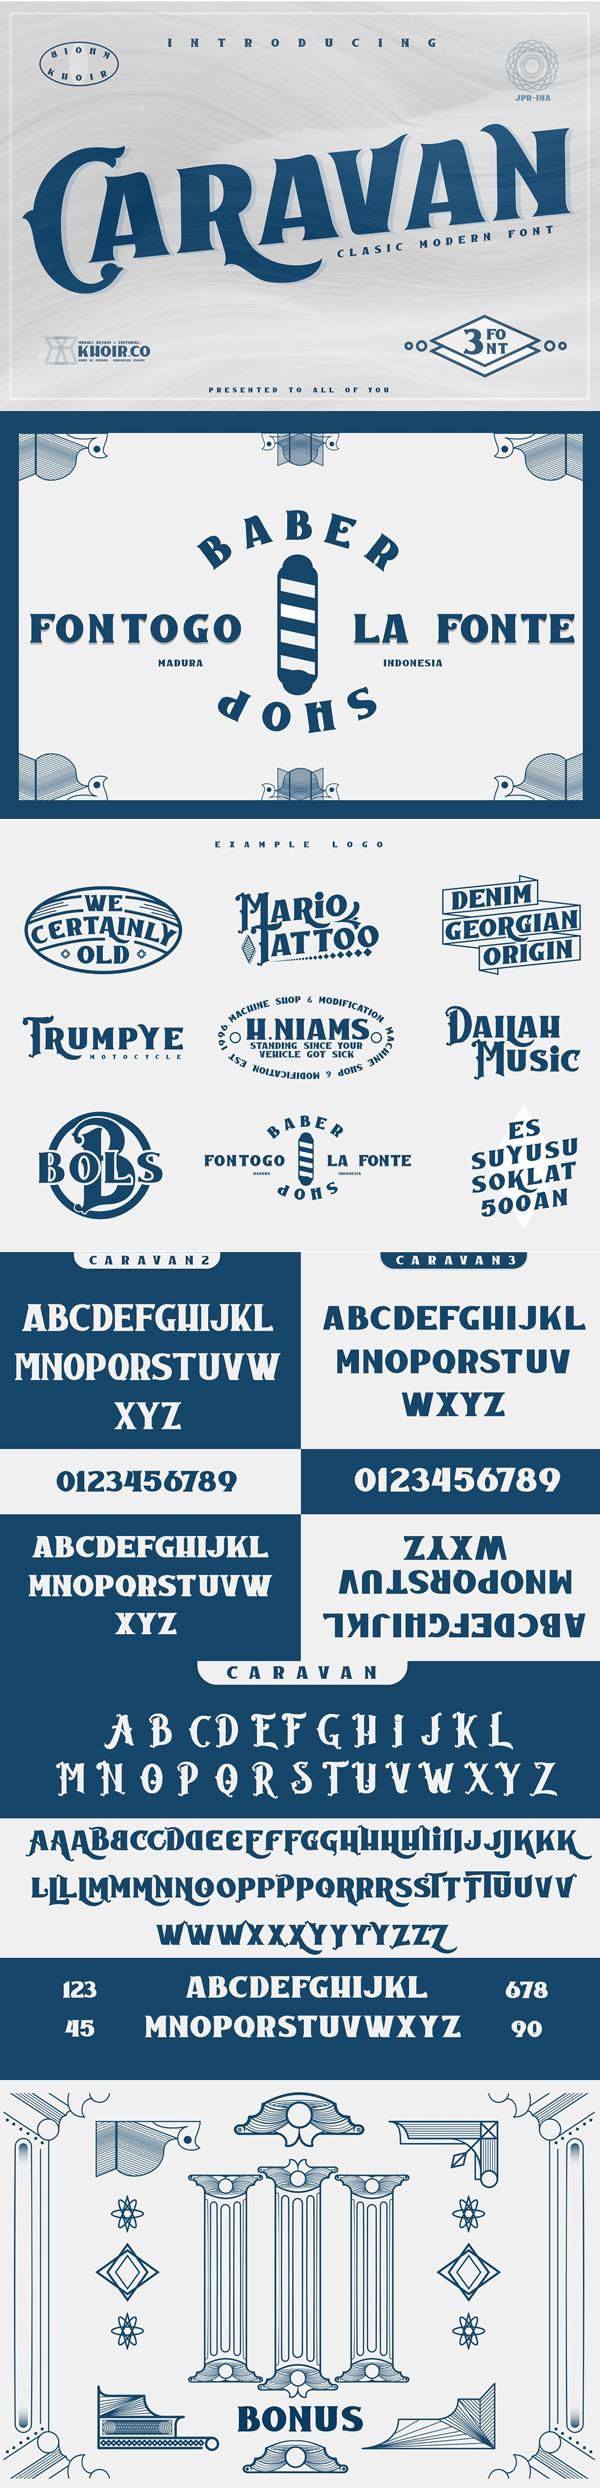 Caravan - Display Free Font